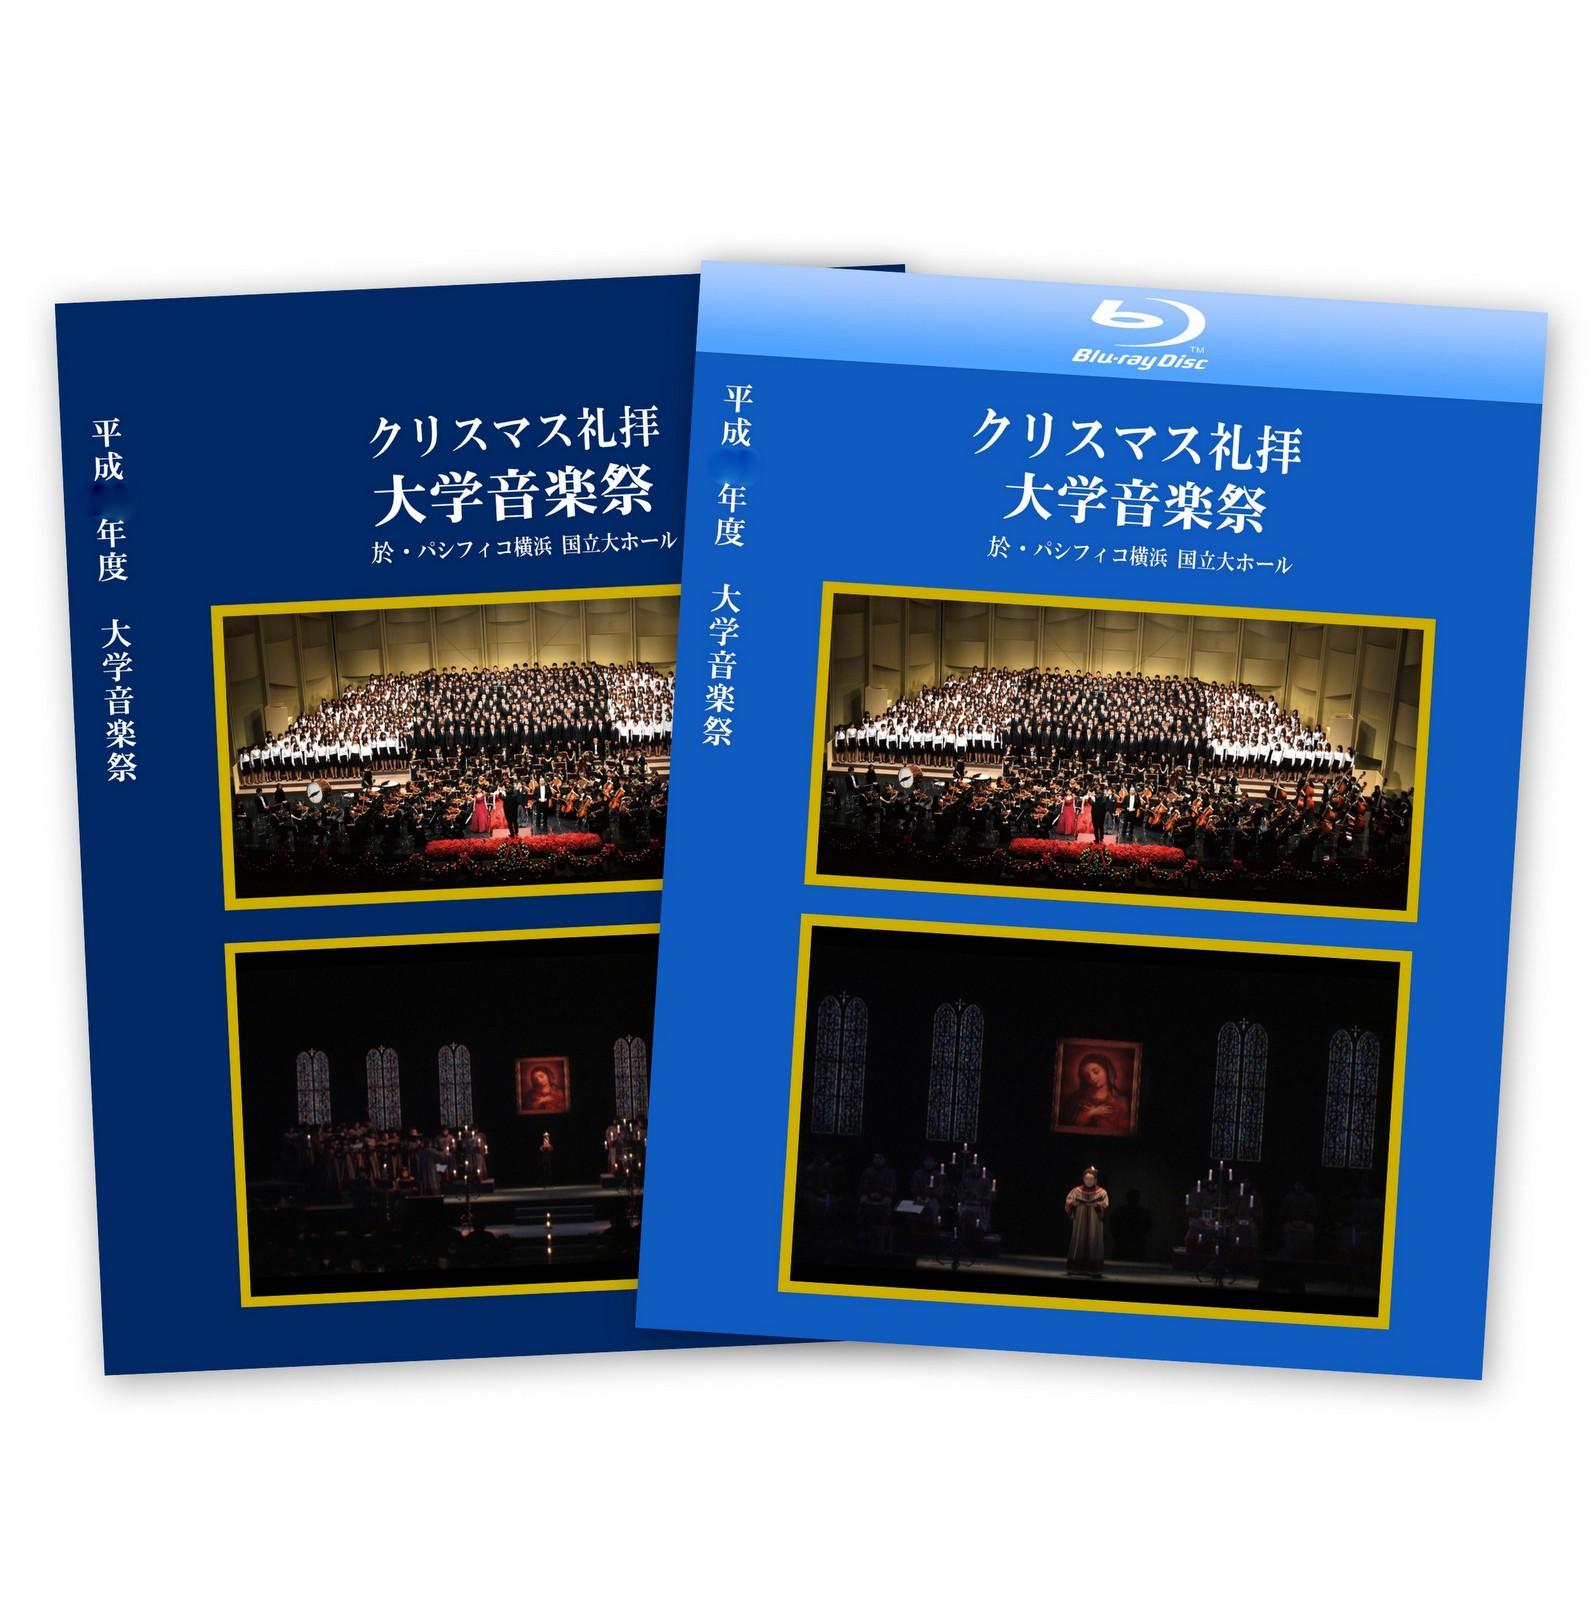 【店頭受け取り】クリスマス礼拝・大学音楽祭(第9) DVD/ブルーレイ